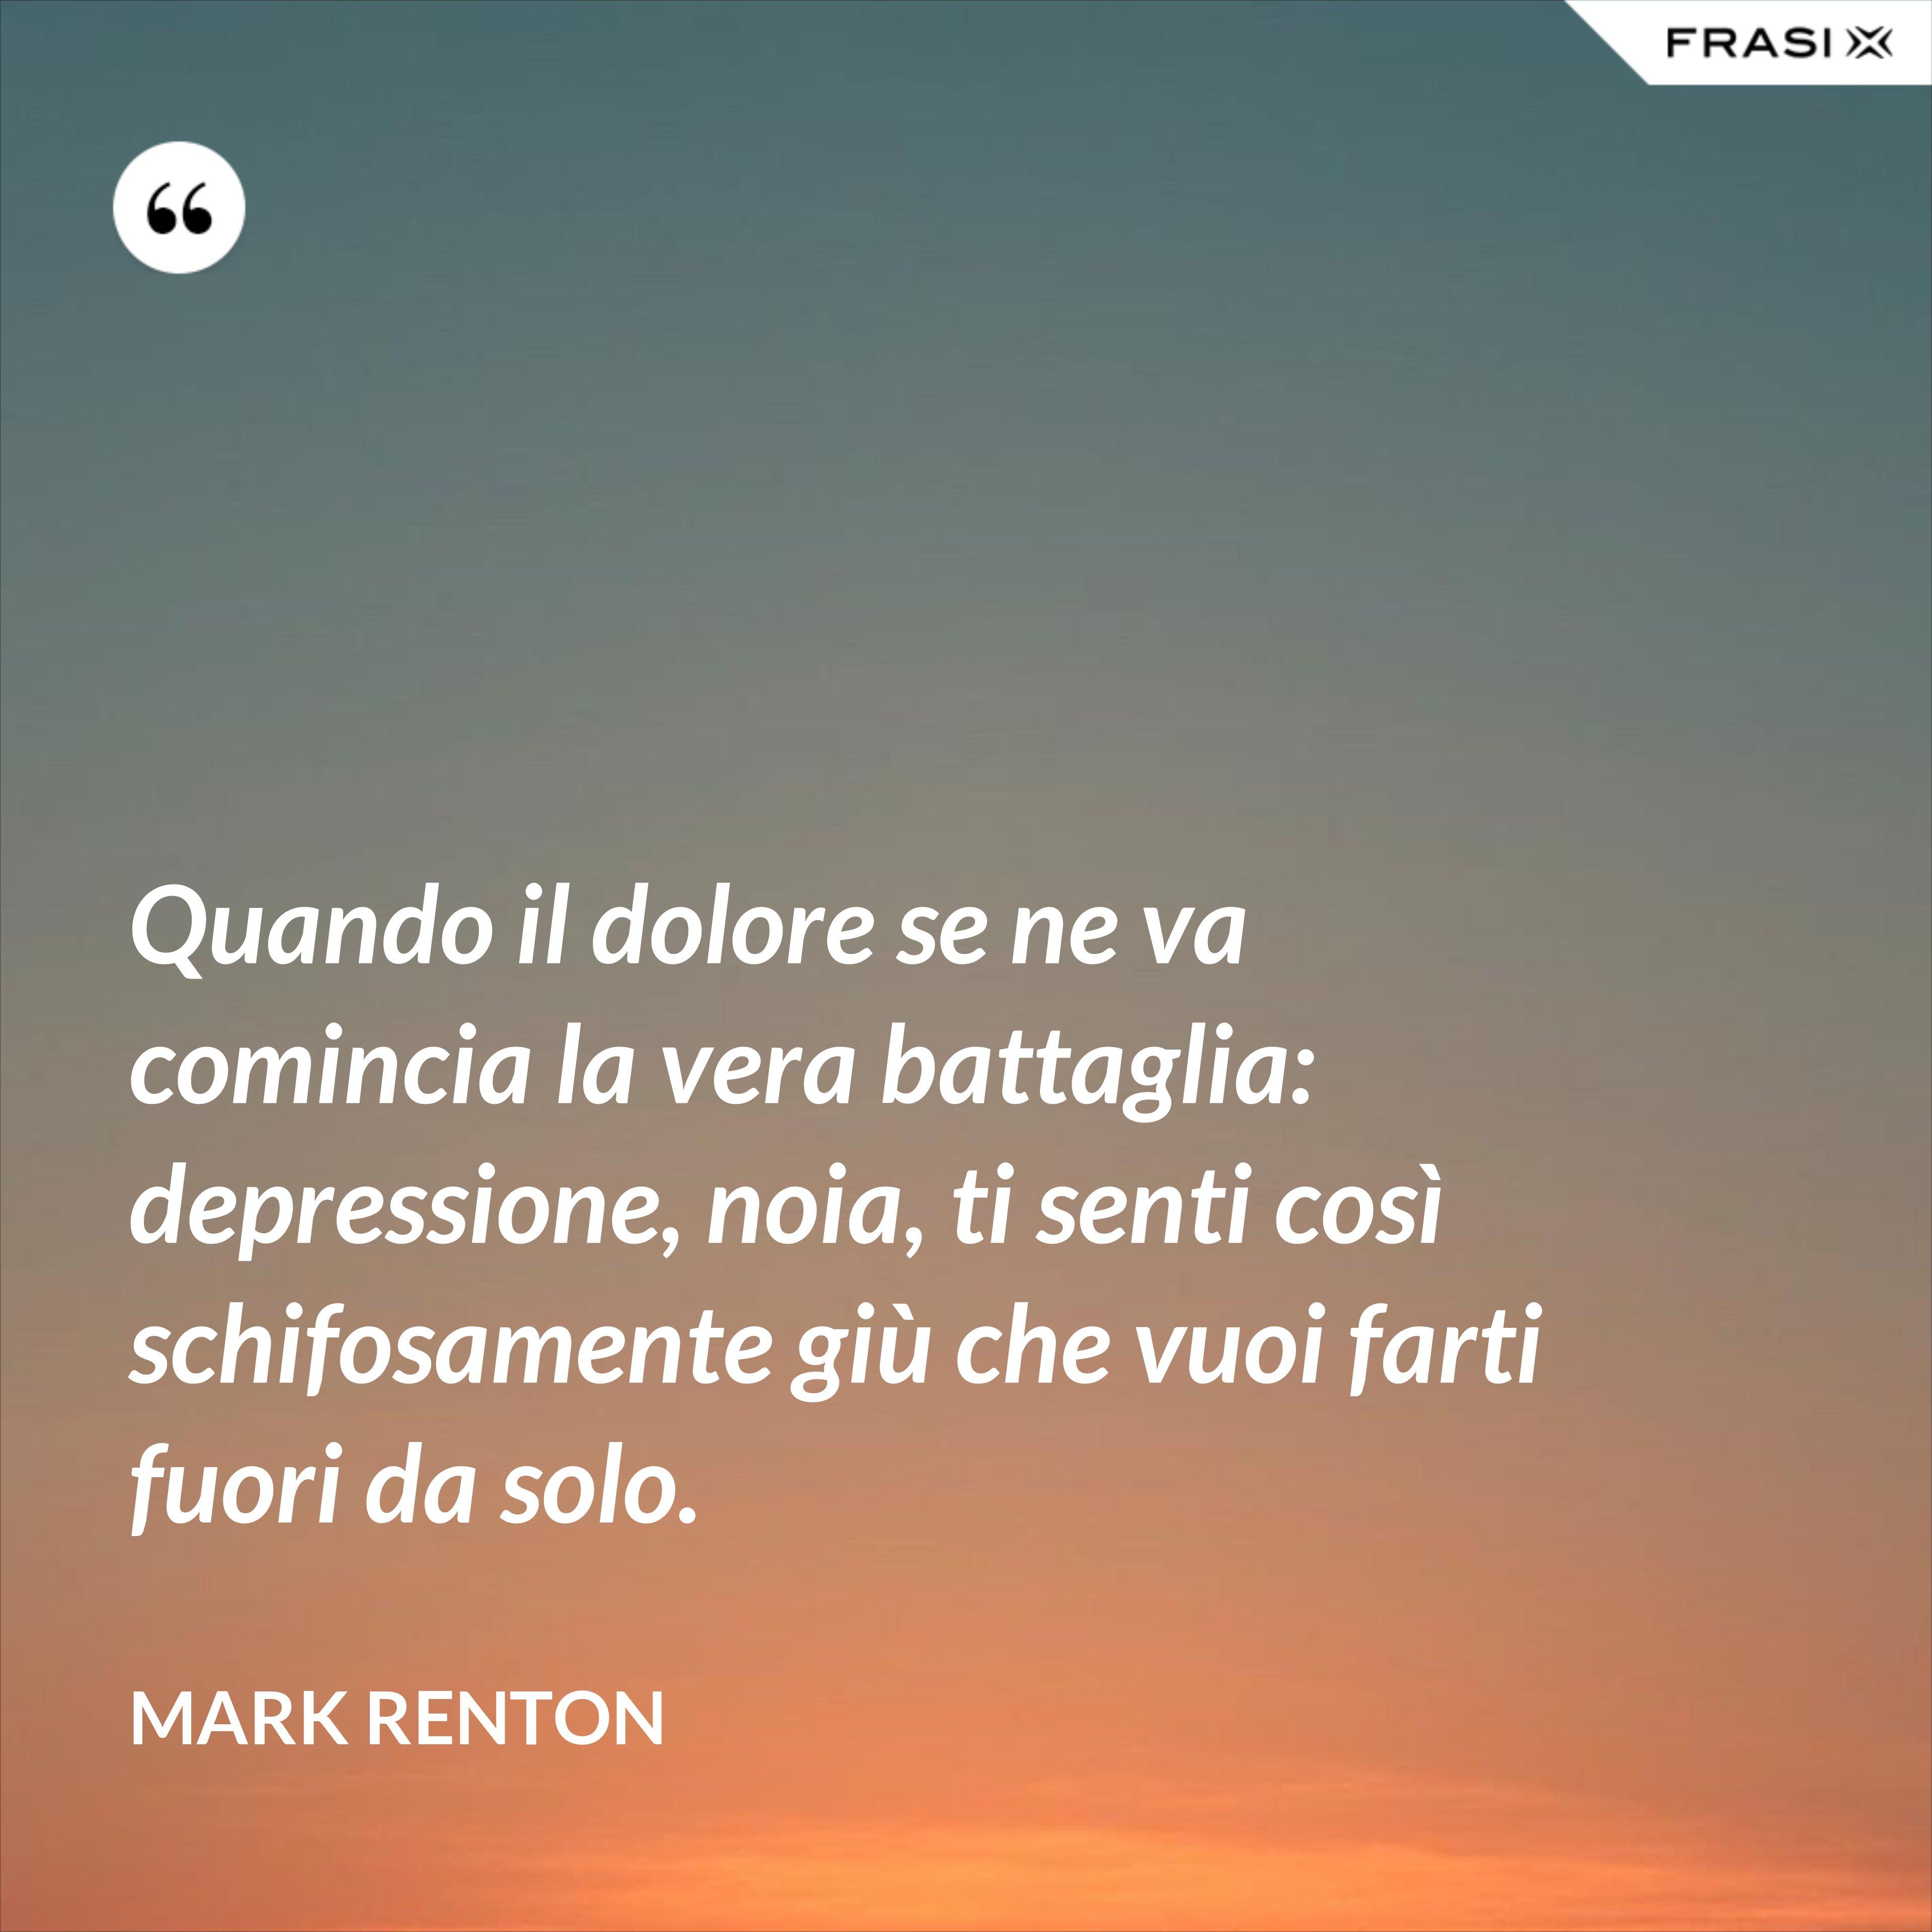 Quando il dolore se ne va comincia la vera battaglia: depressione, noia, ti senti così schifosamente giù che vuoi farti fuori da solo. - Mark Renton